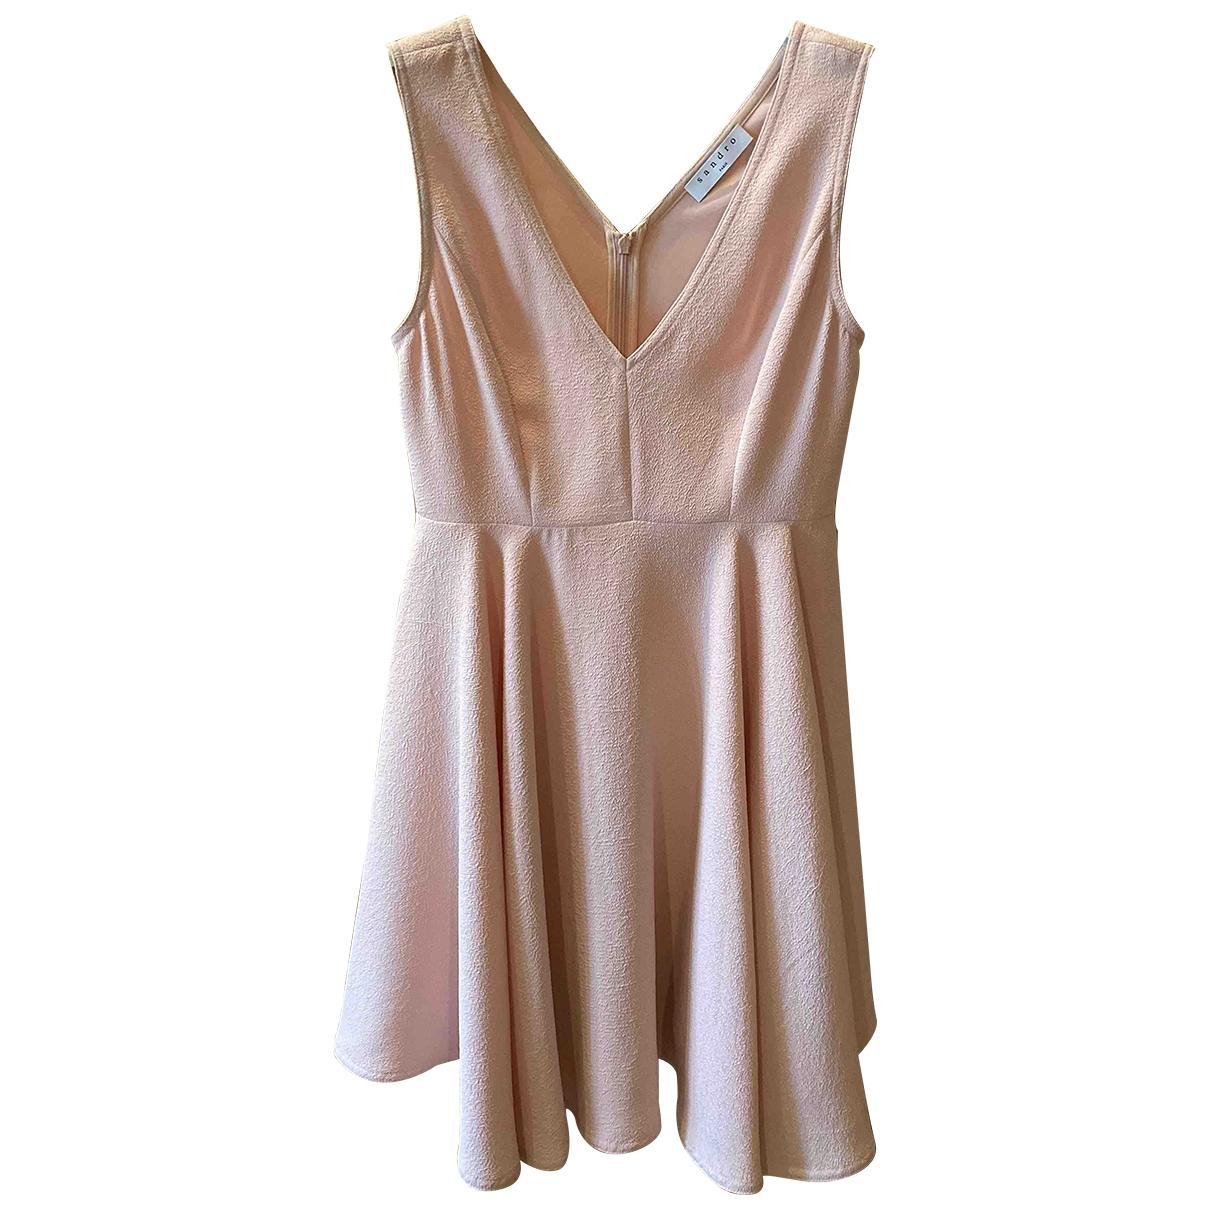 Sandro \N Pink dress for Women 36 FR